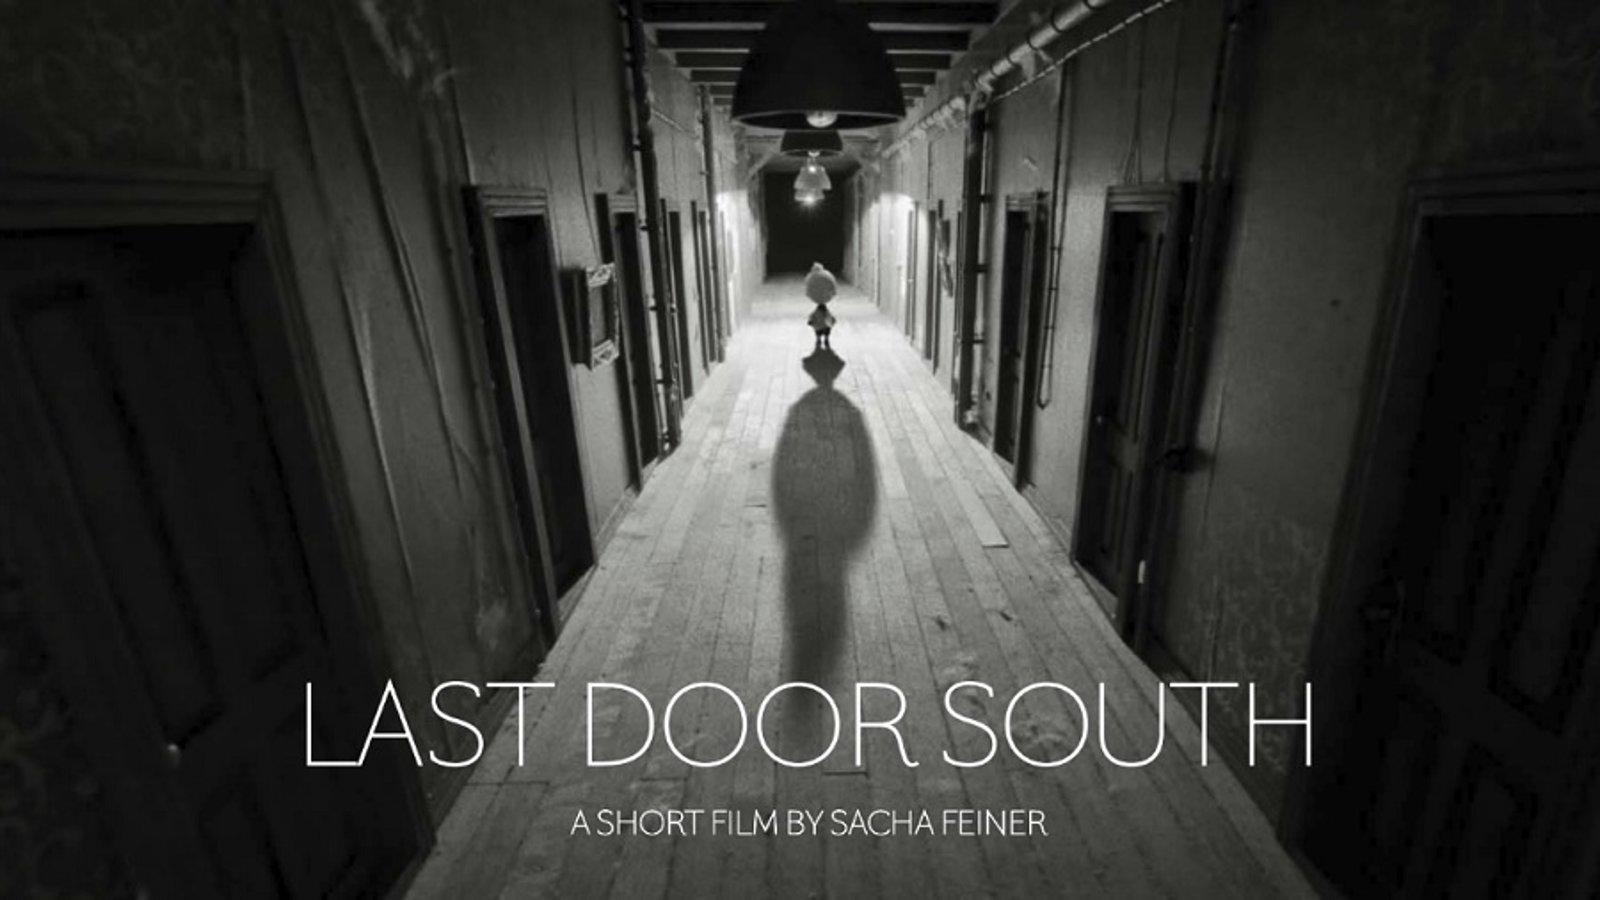 Last Door South - Dernière porte au sud